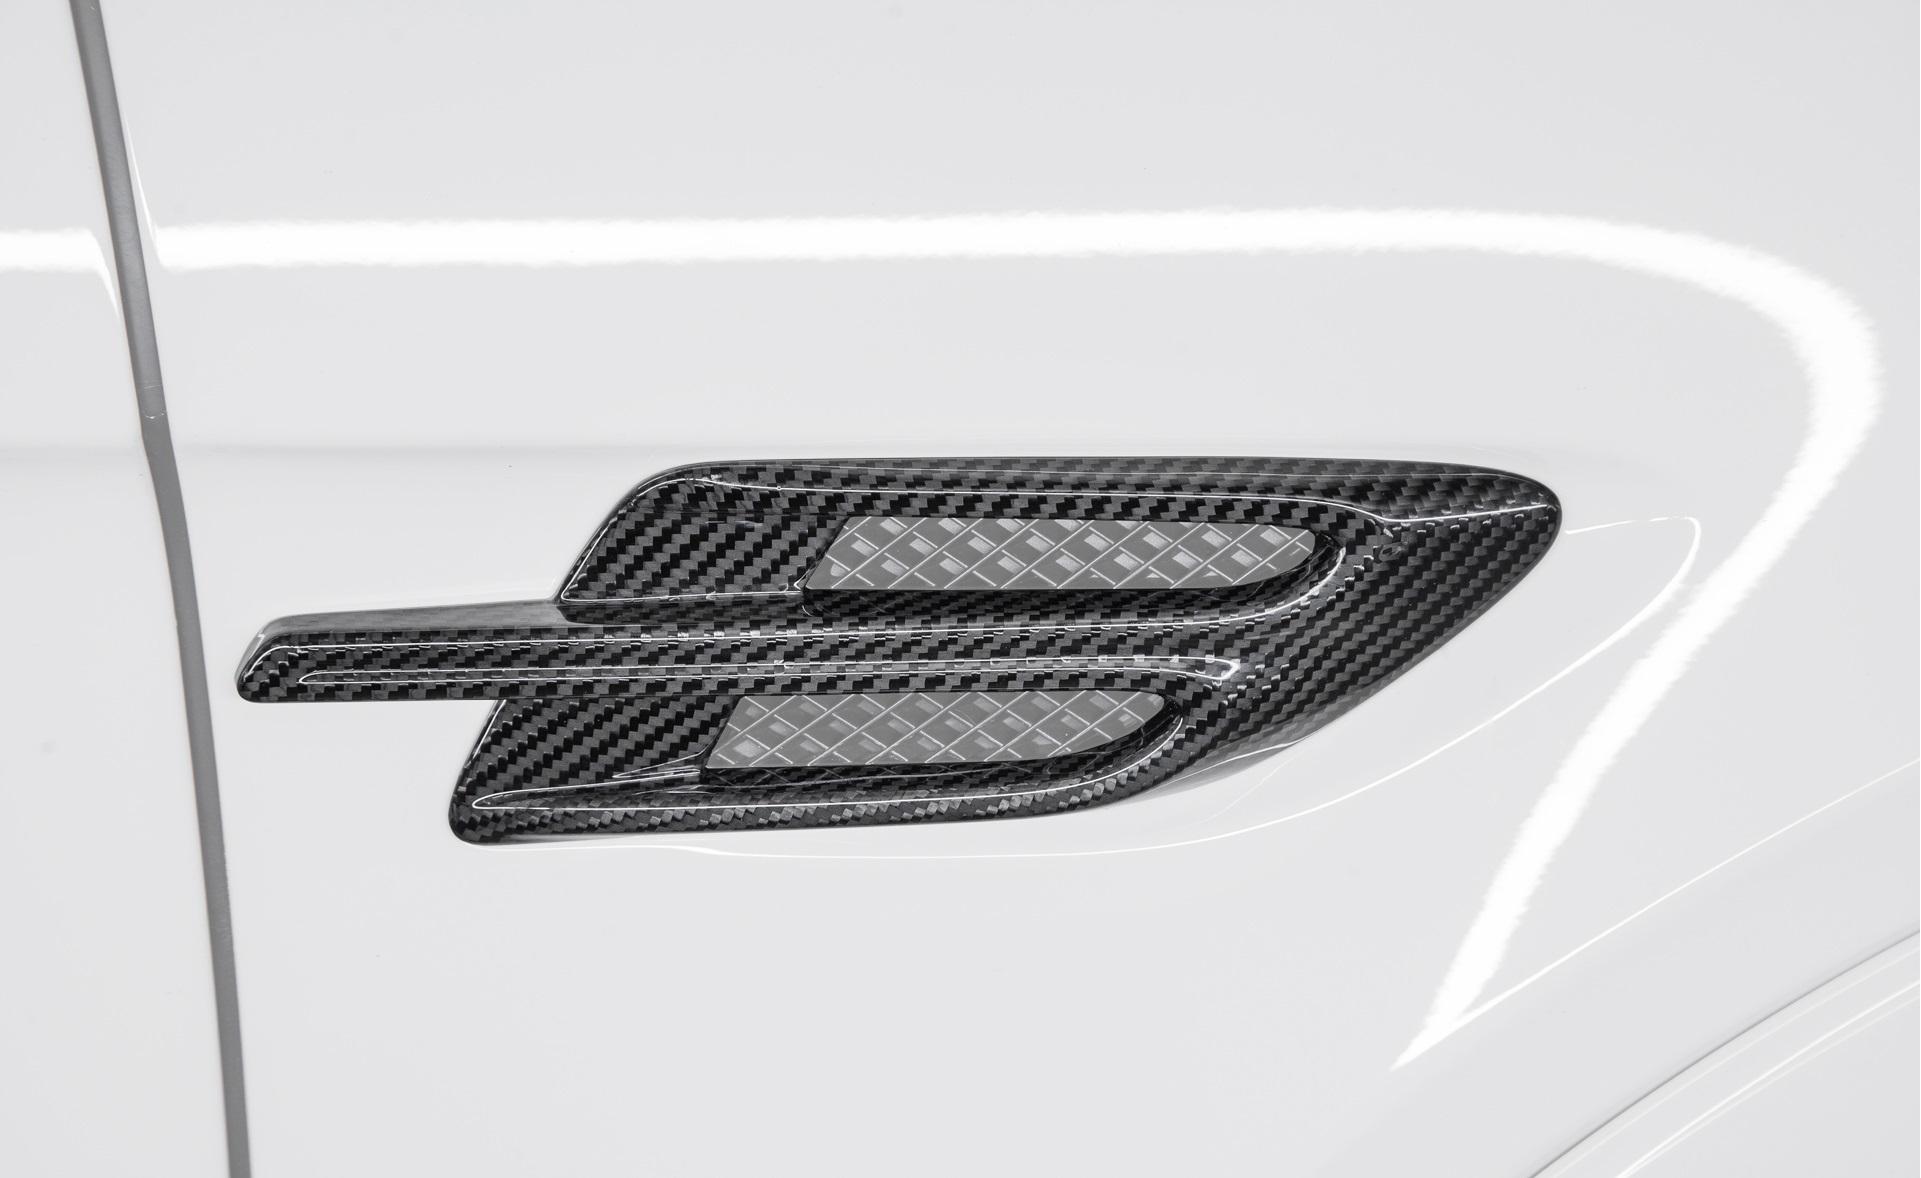 Карбоновые накладки на воздухозаборники крыльев для Bentley Bentayga Копия